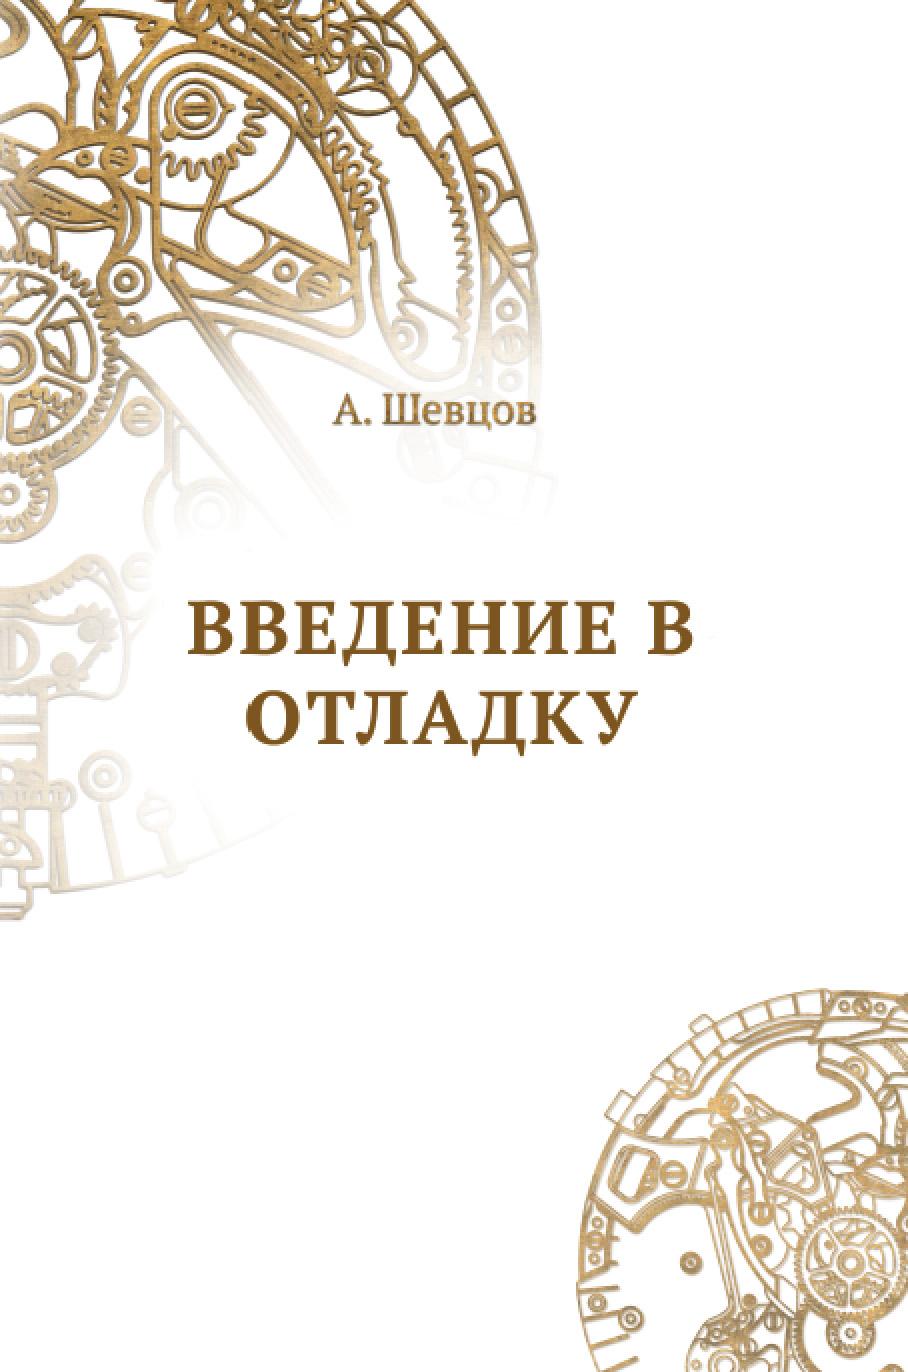 Александр Шевцов (Андреев) Введение в отладку шевцов а прикладная психология сказки хрестоматия